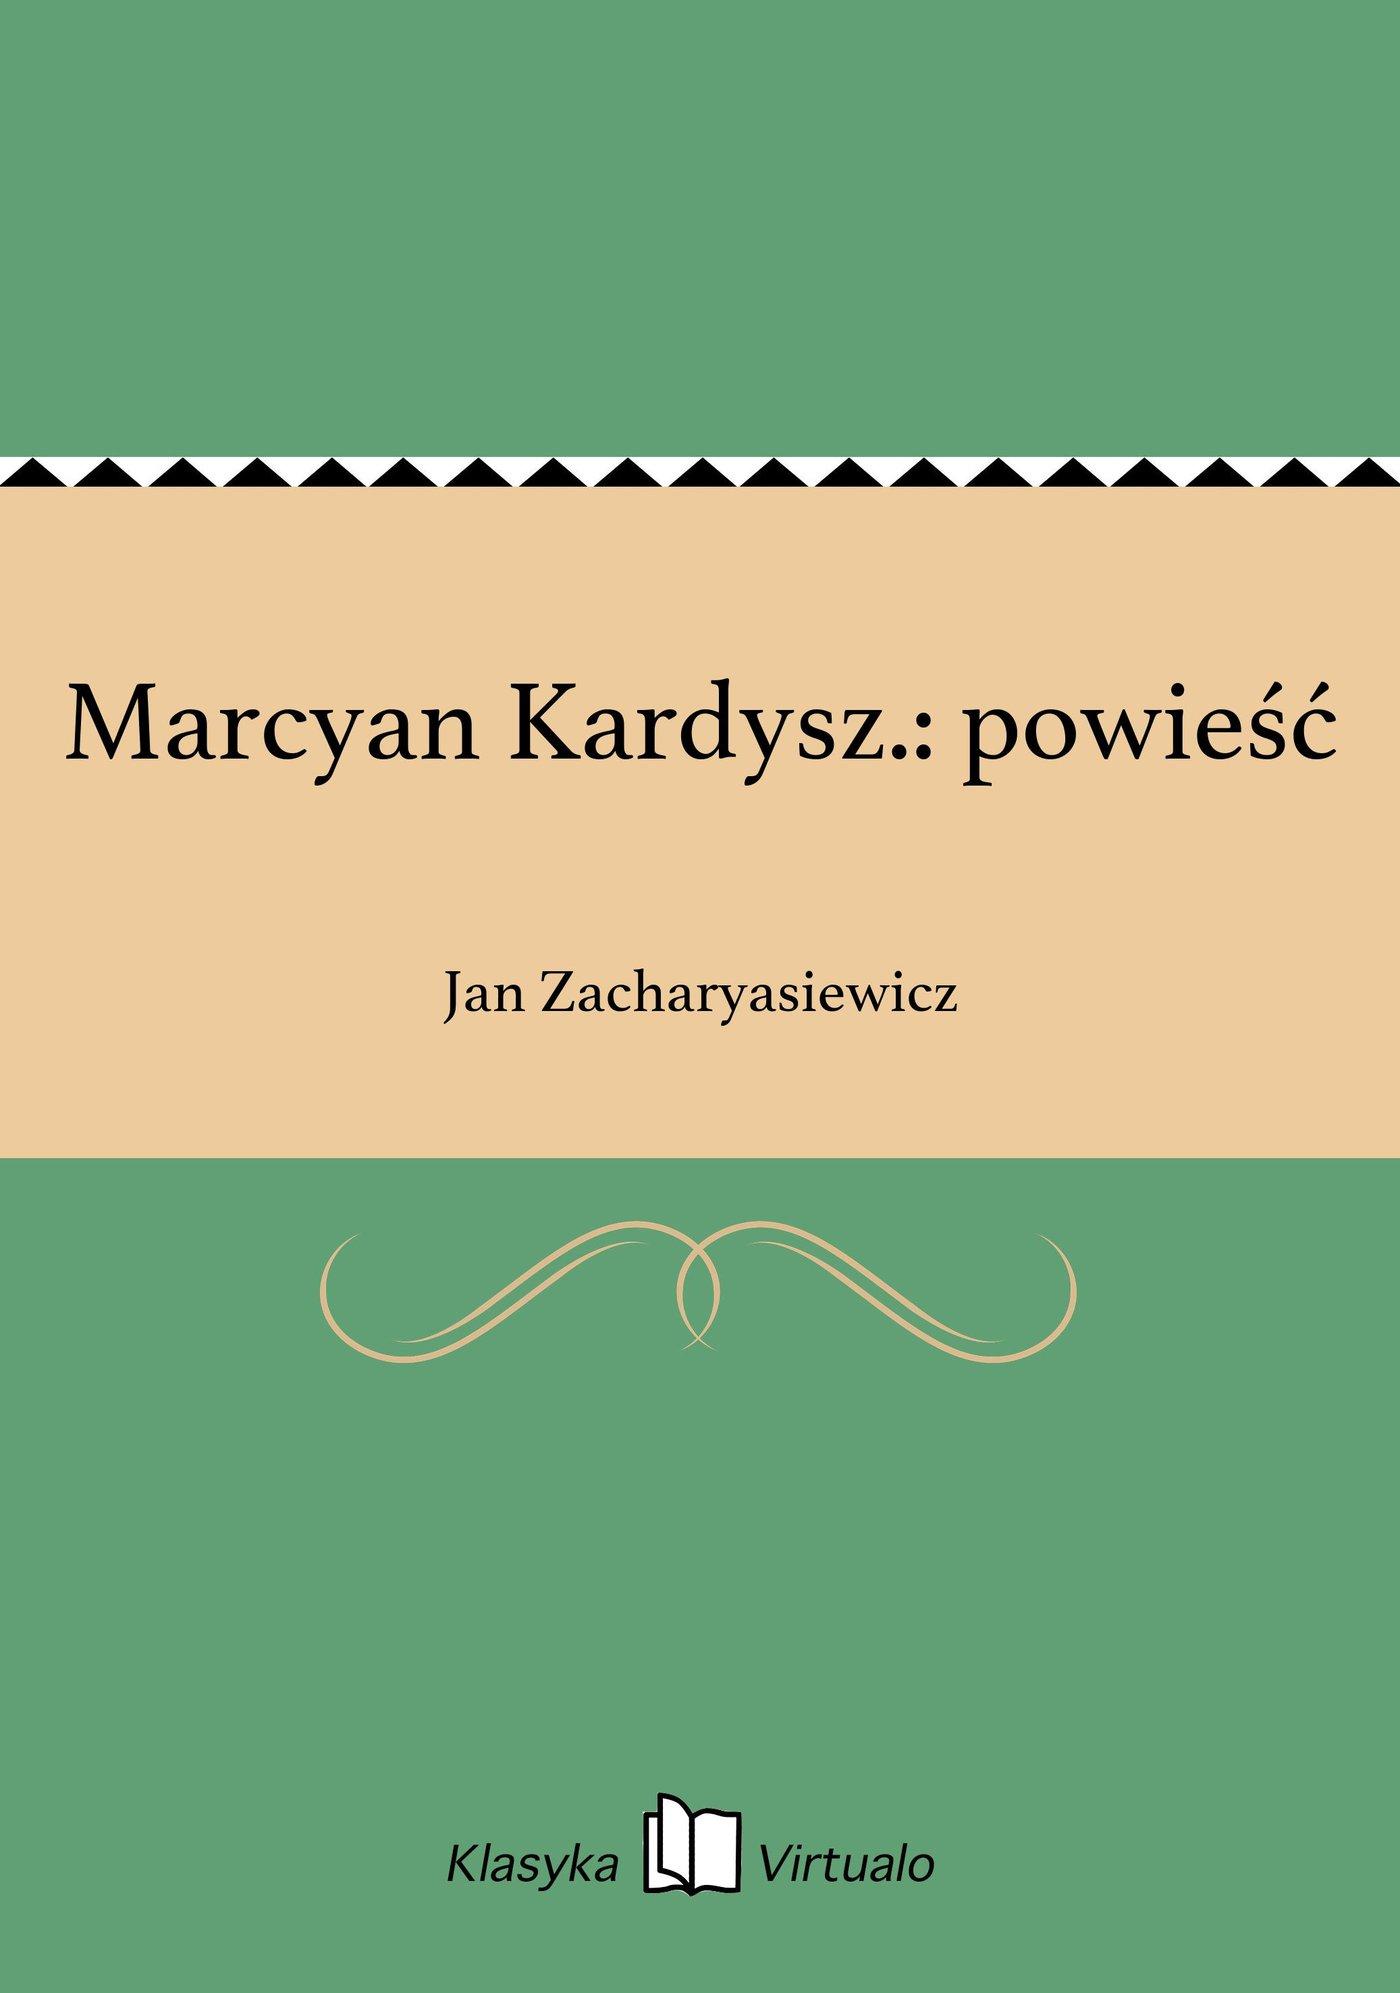 Marcyan Kardysz.: powieść - Ebook (Książka na Kindle) do pobrania w formacie MOBI